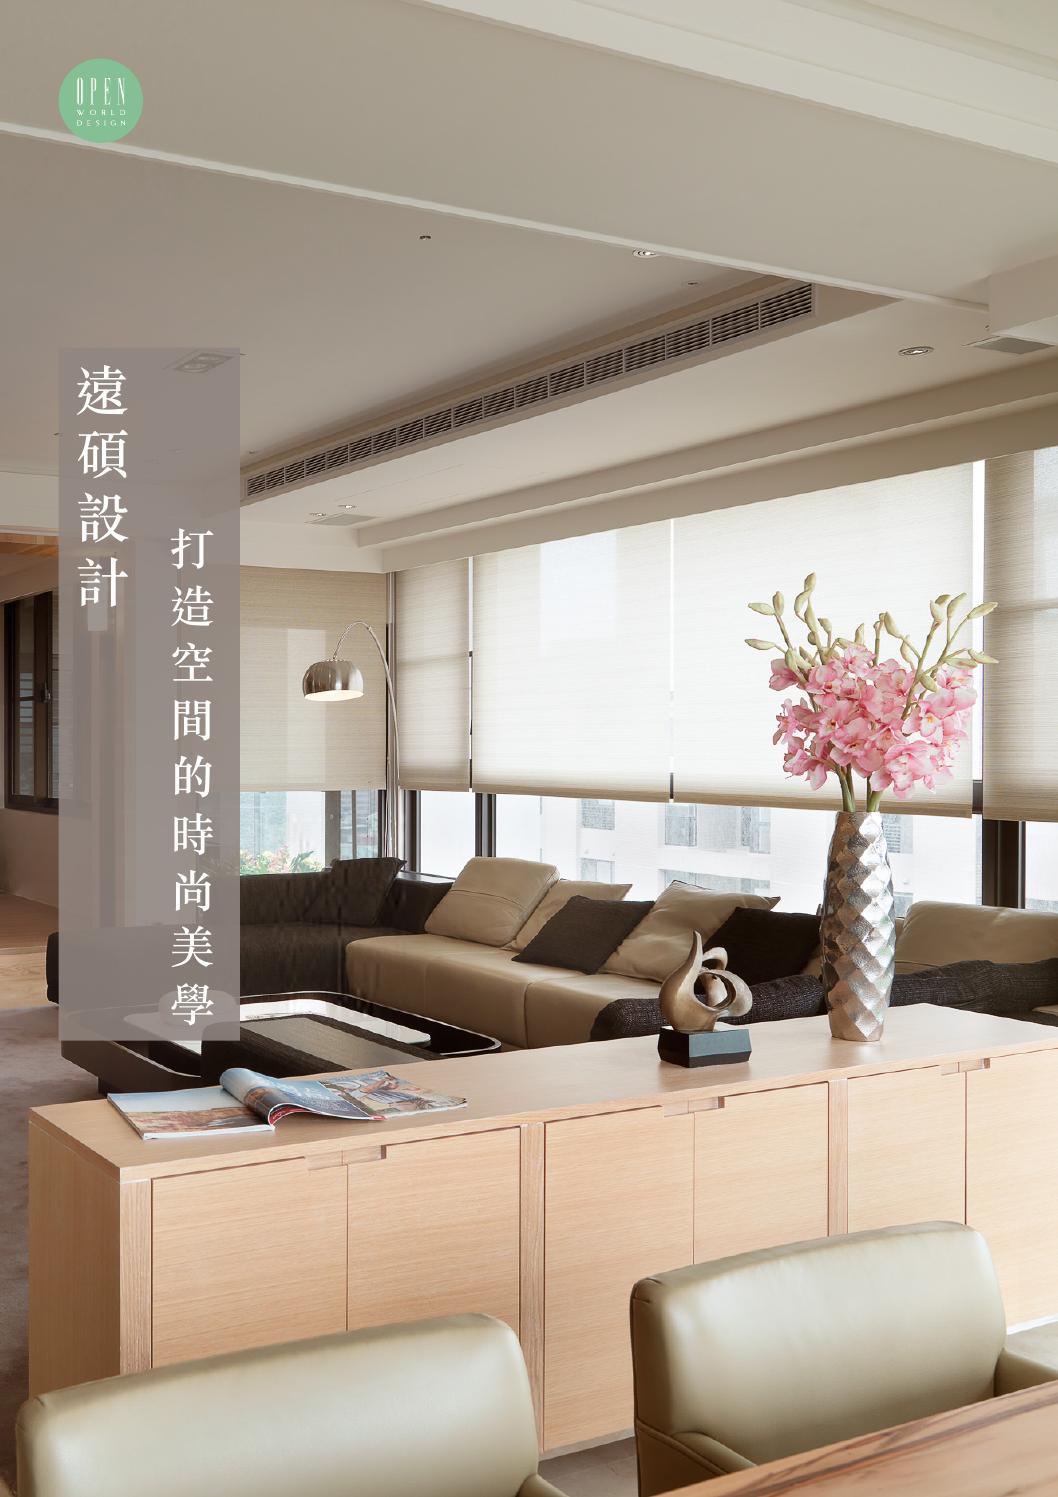 【遠碩設計】打造空間的時尚美學 by OPEN Design - Issuu